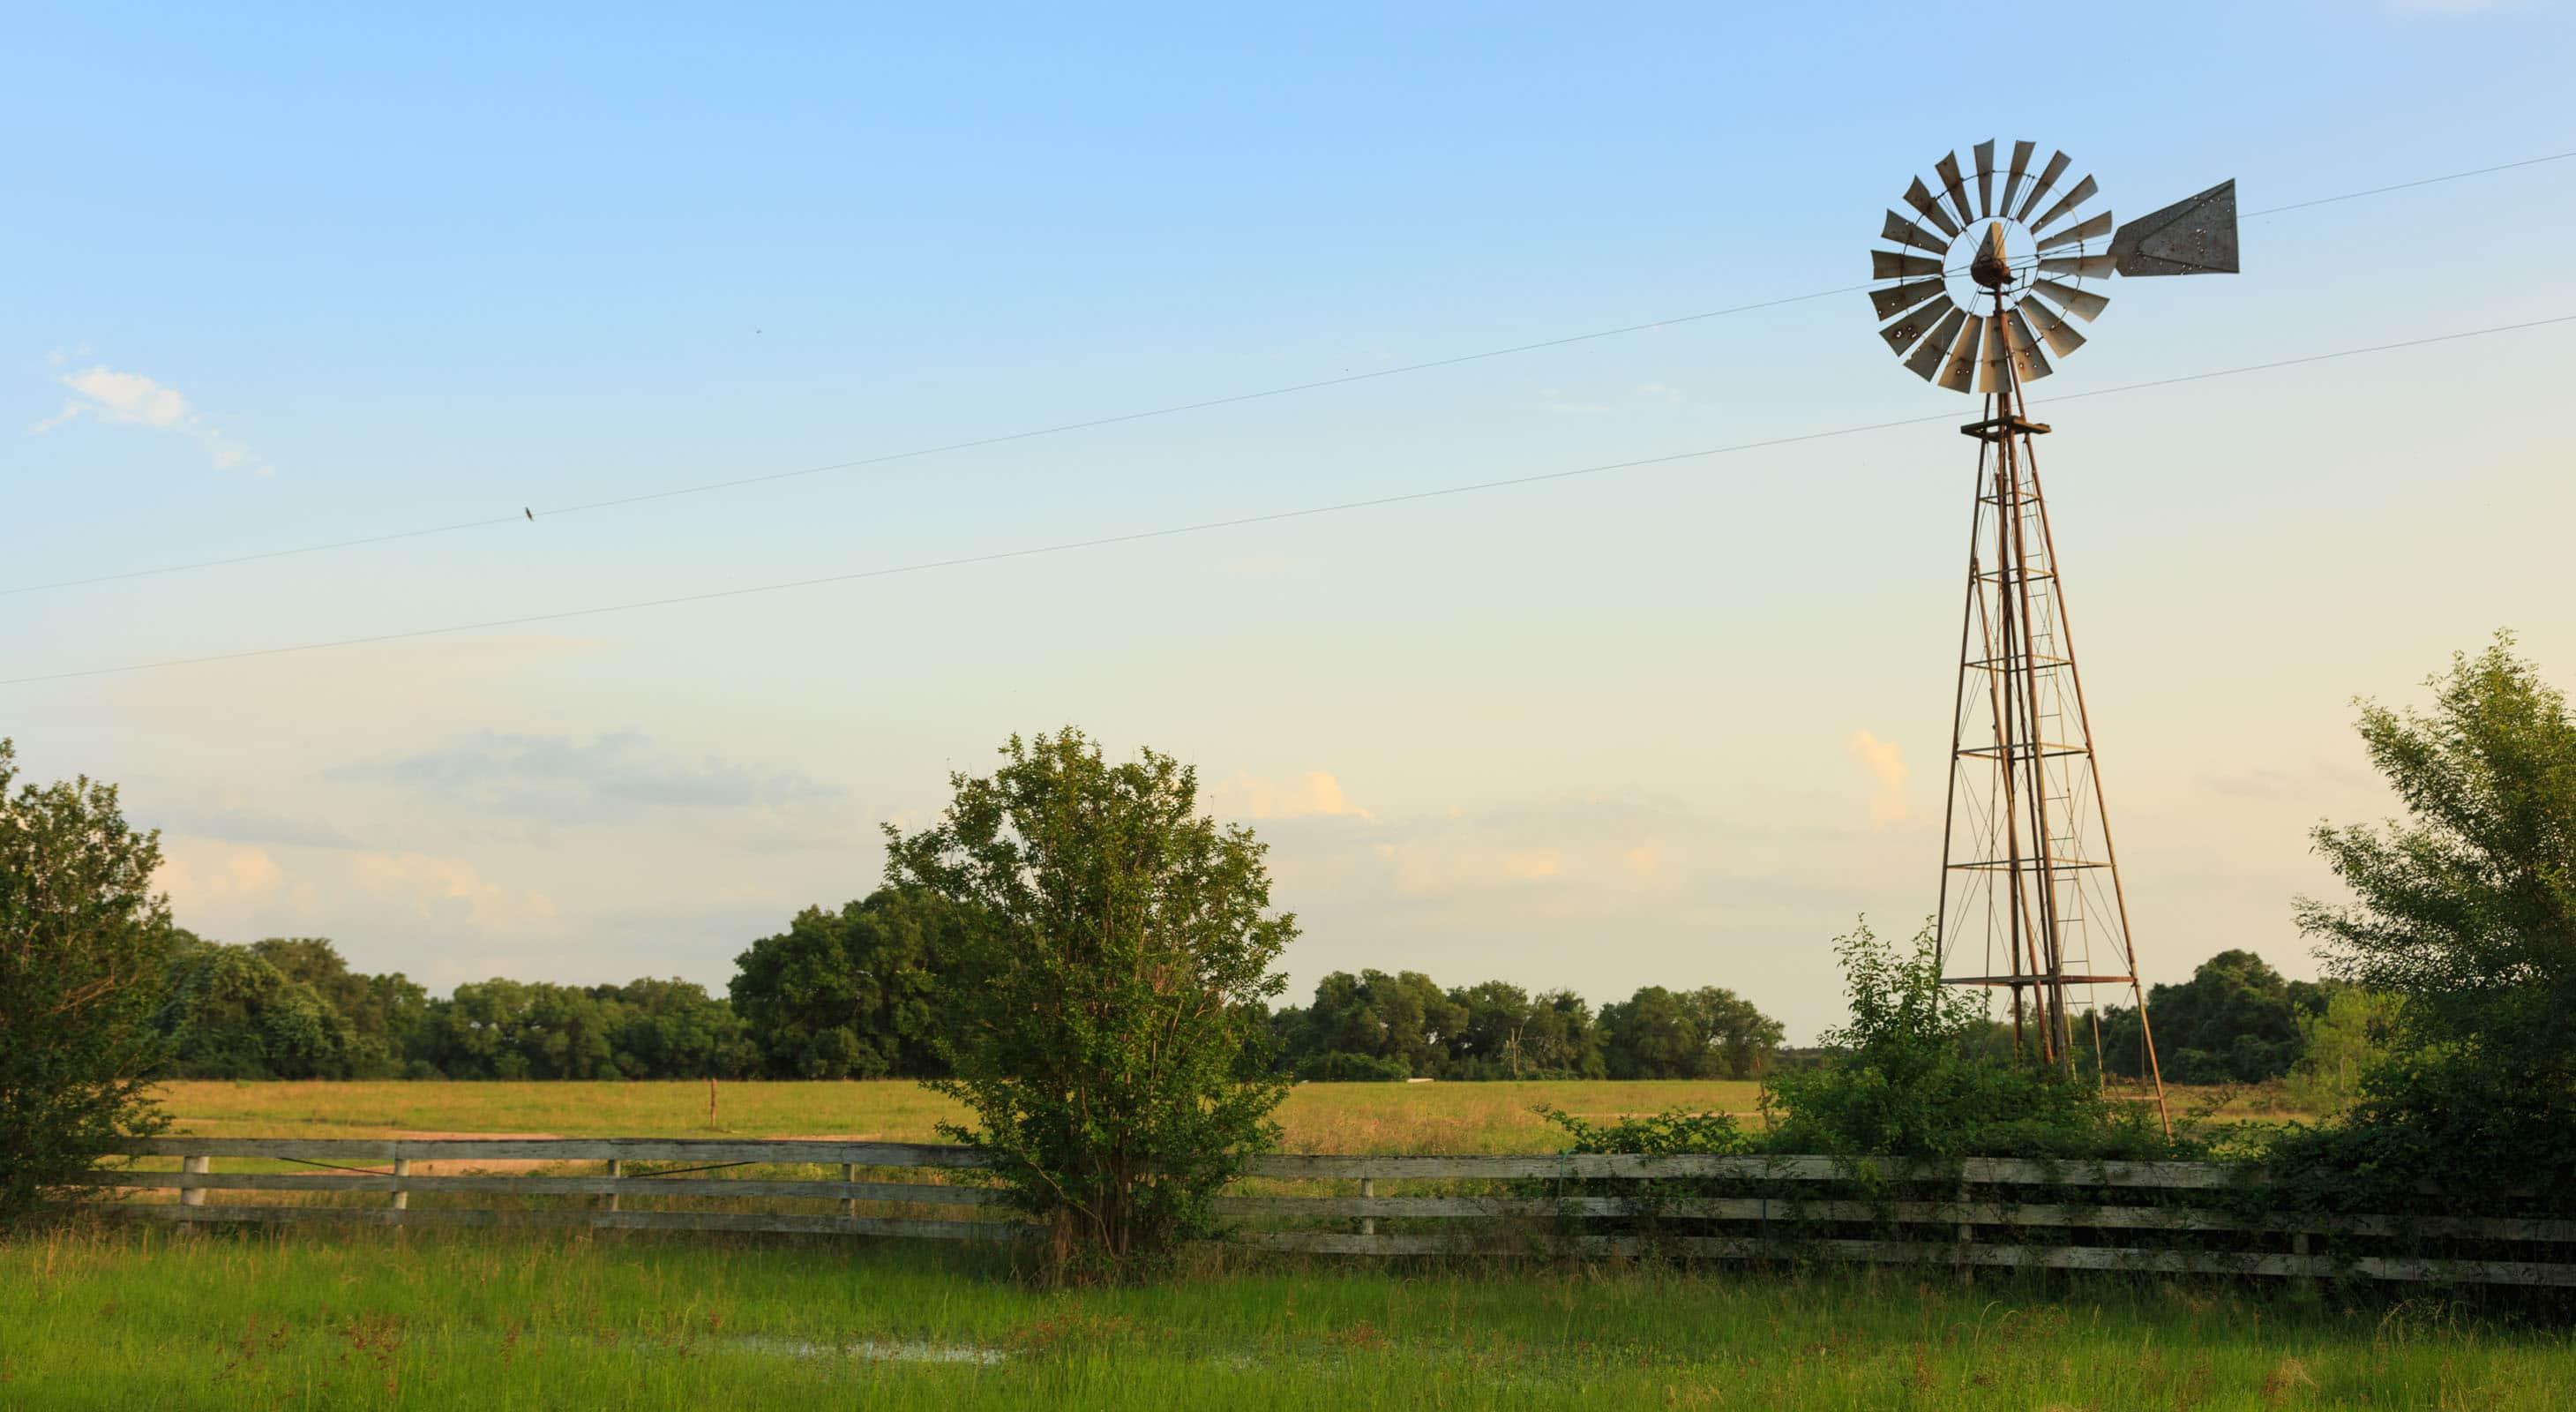 A windmill on a Texas ranch wedding venue